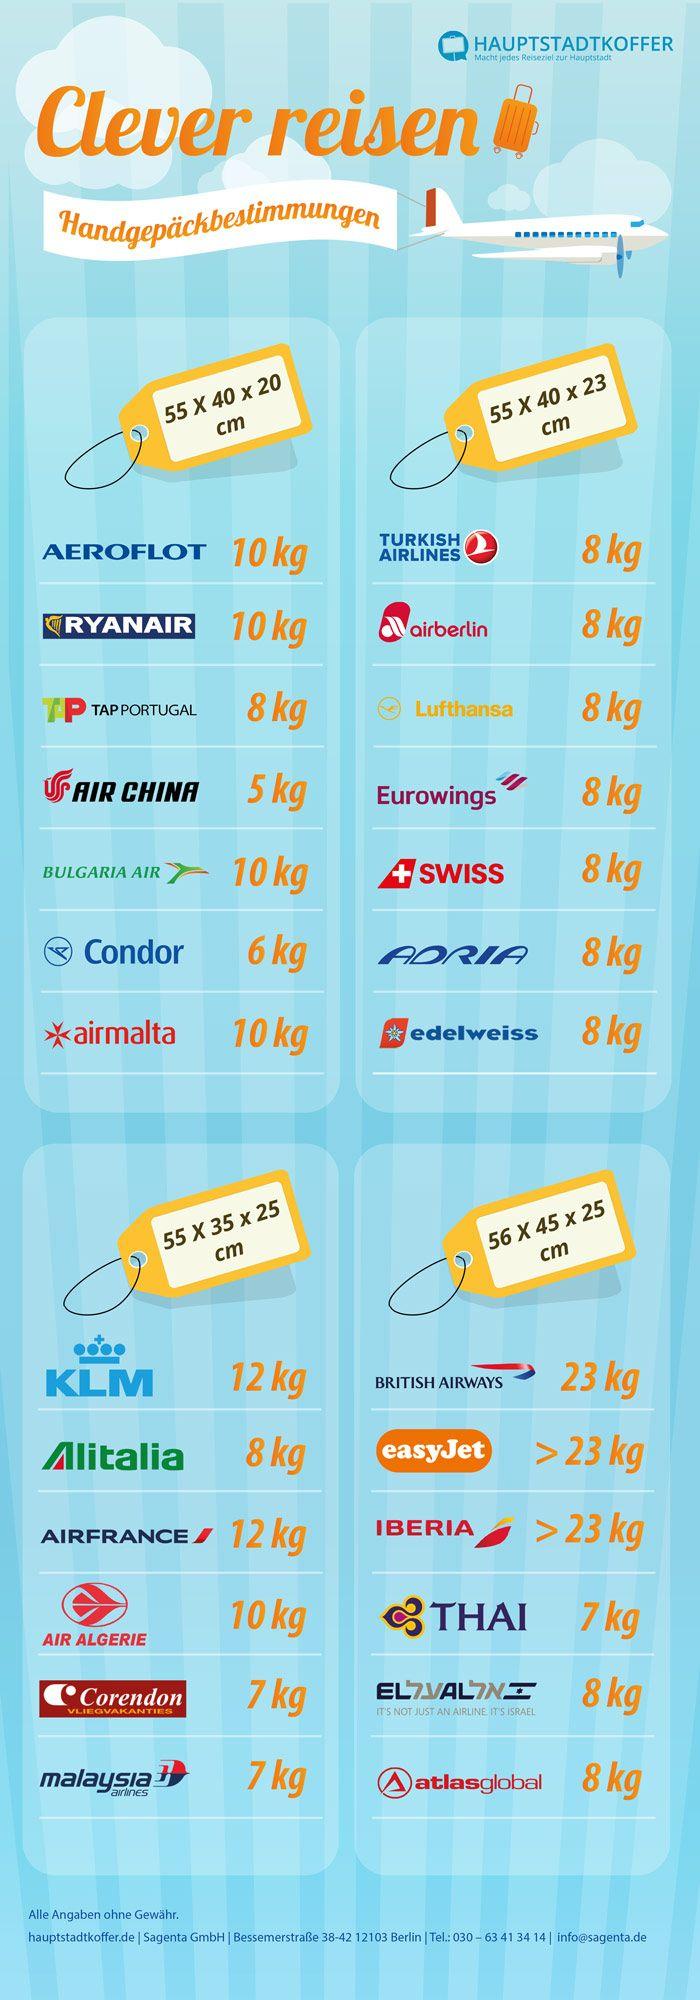 Wieviel Gepäck darf mit ins Handgepäck? #Travel #Gepäck #Handgepäck #Handgepäckbestimmungen #Urlaub #Reisen